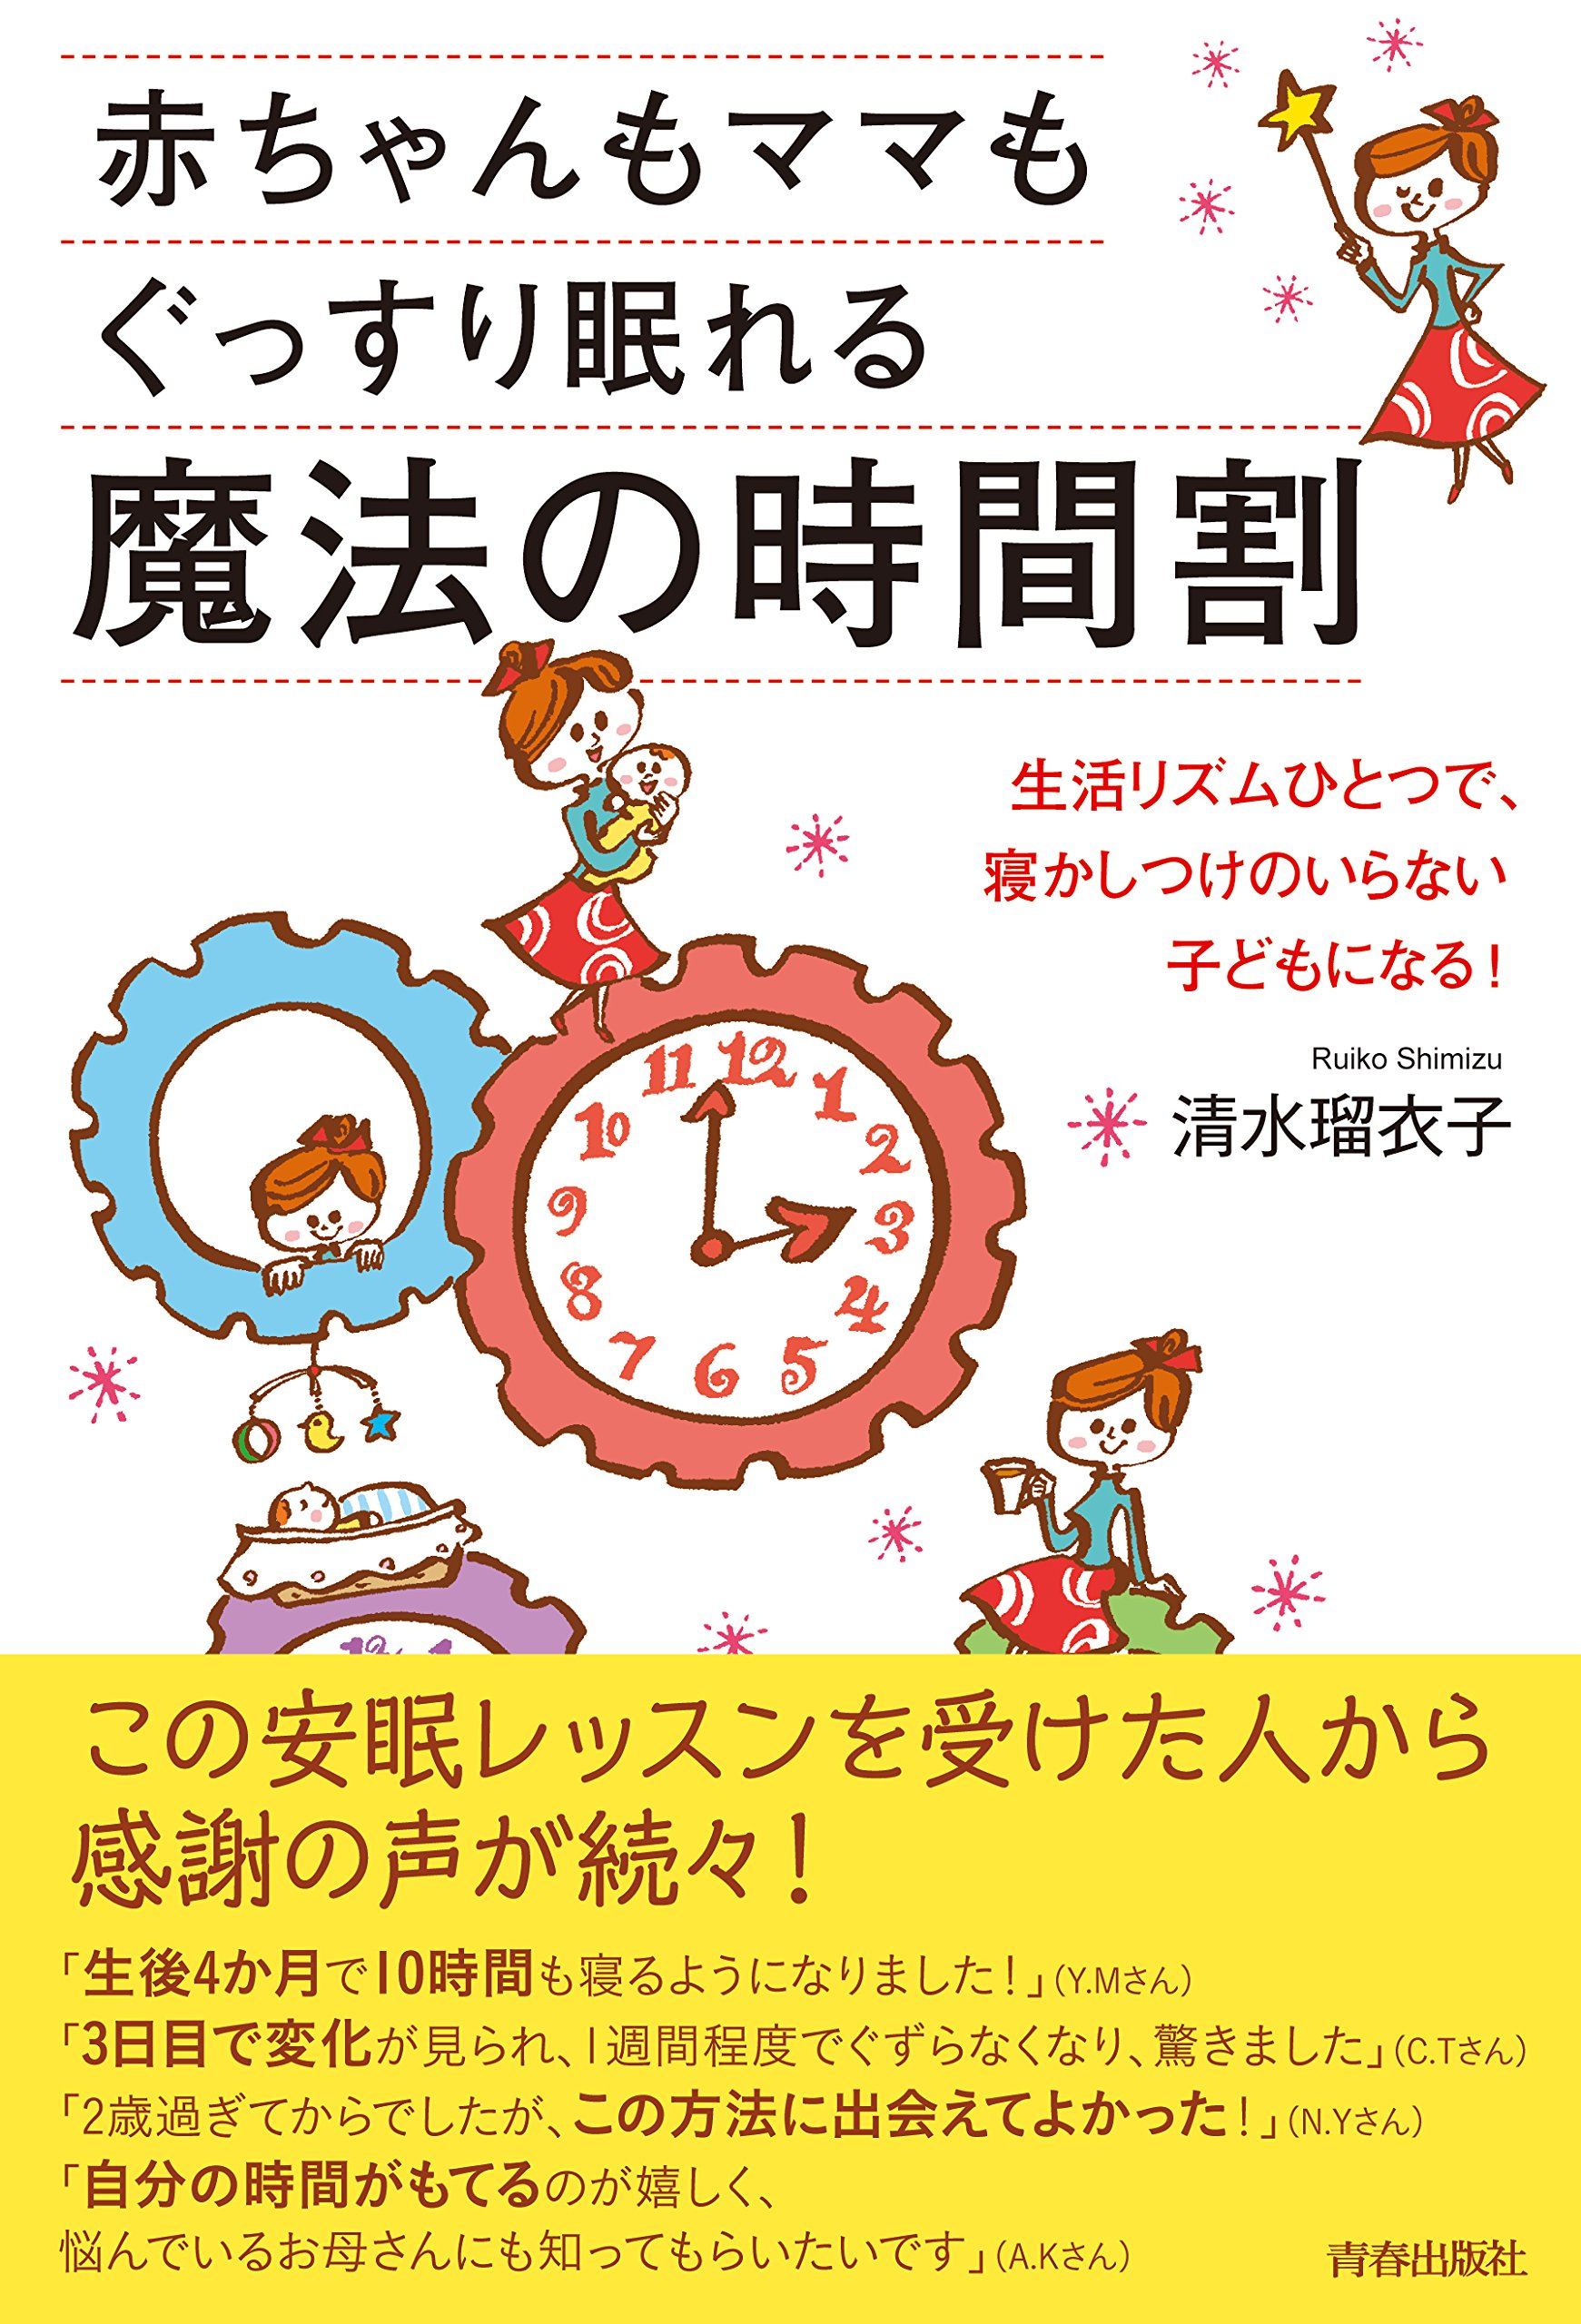 リズム 生後 10 ヶ月 生活 赤ちゃんの生活リズムの作り方&月齢別タイムスケジュール例